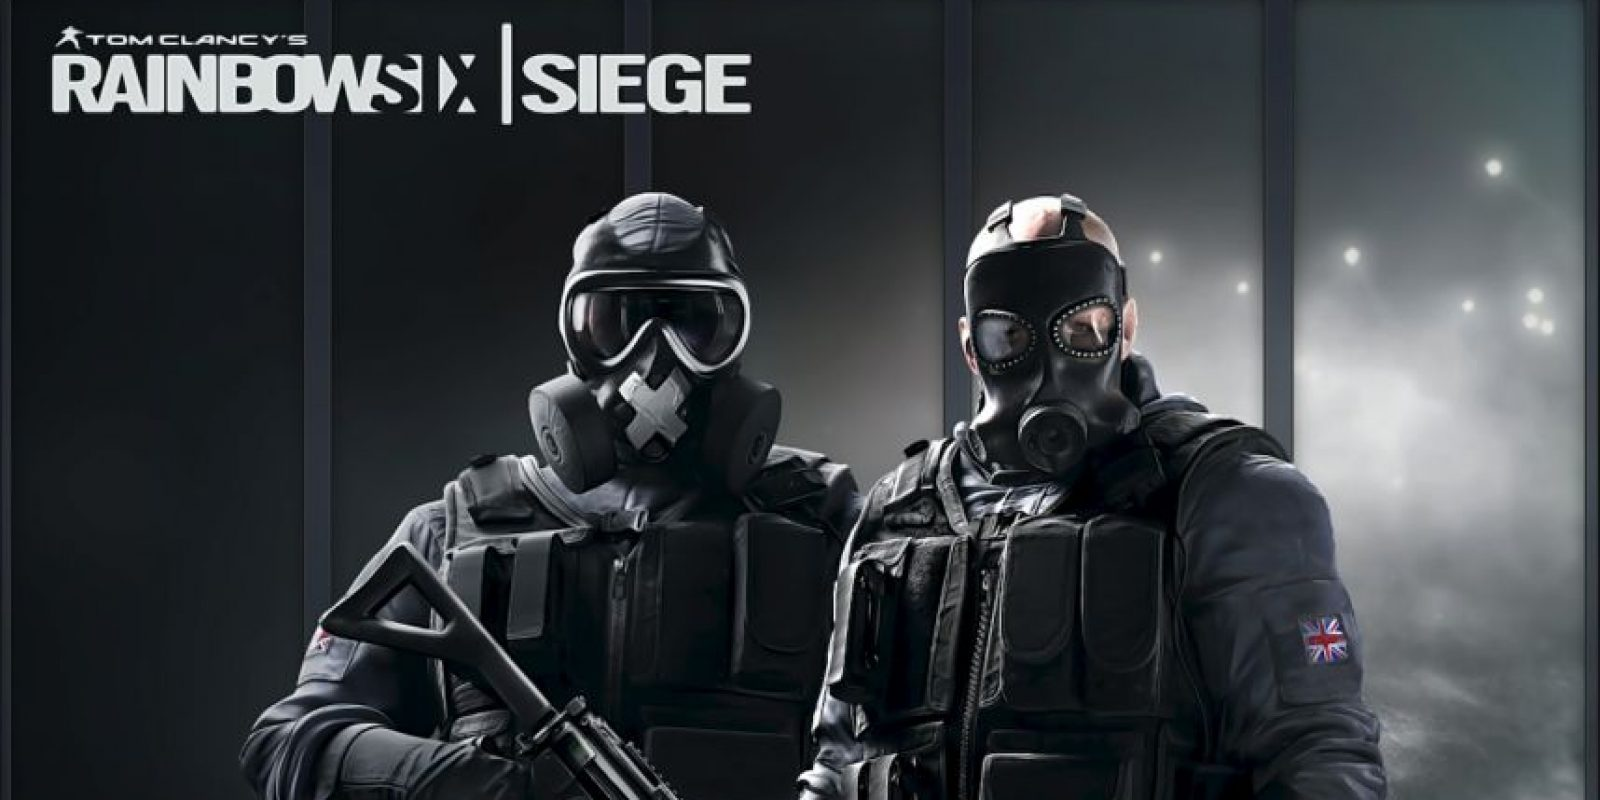 """Es considerado el sucesor de """"Rainbow 6: Patriots"""", juego cancelado por Ubisoft en 2014 Foto:Ubisoft"""